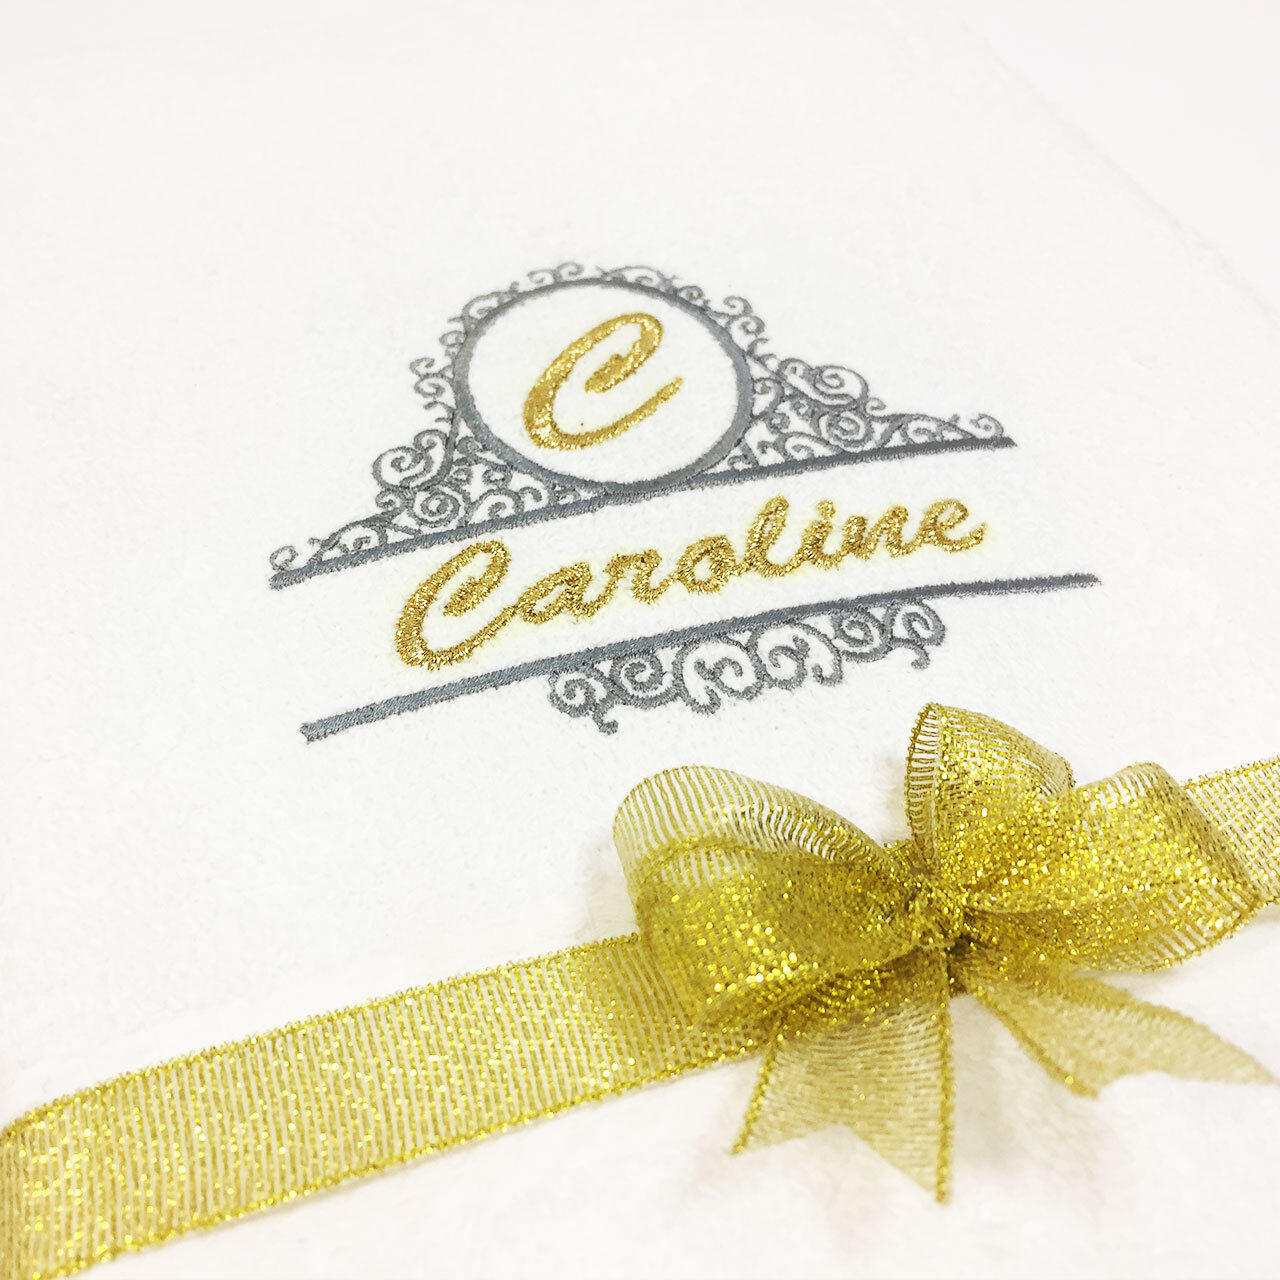 NUOVO ricamato qualsiasi Personalizzata Asciugamano Da Bagno Set Regalo Ideale qualsiasi ricamato nome Combet cotone be8b1c